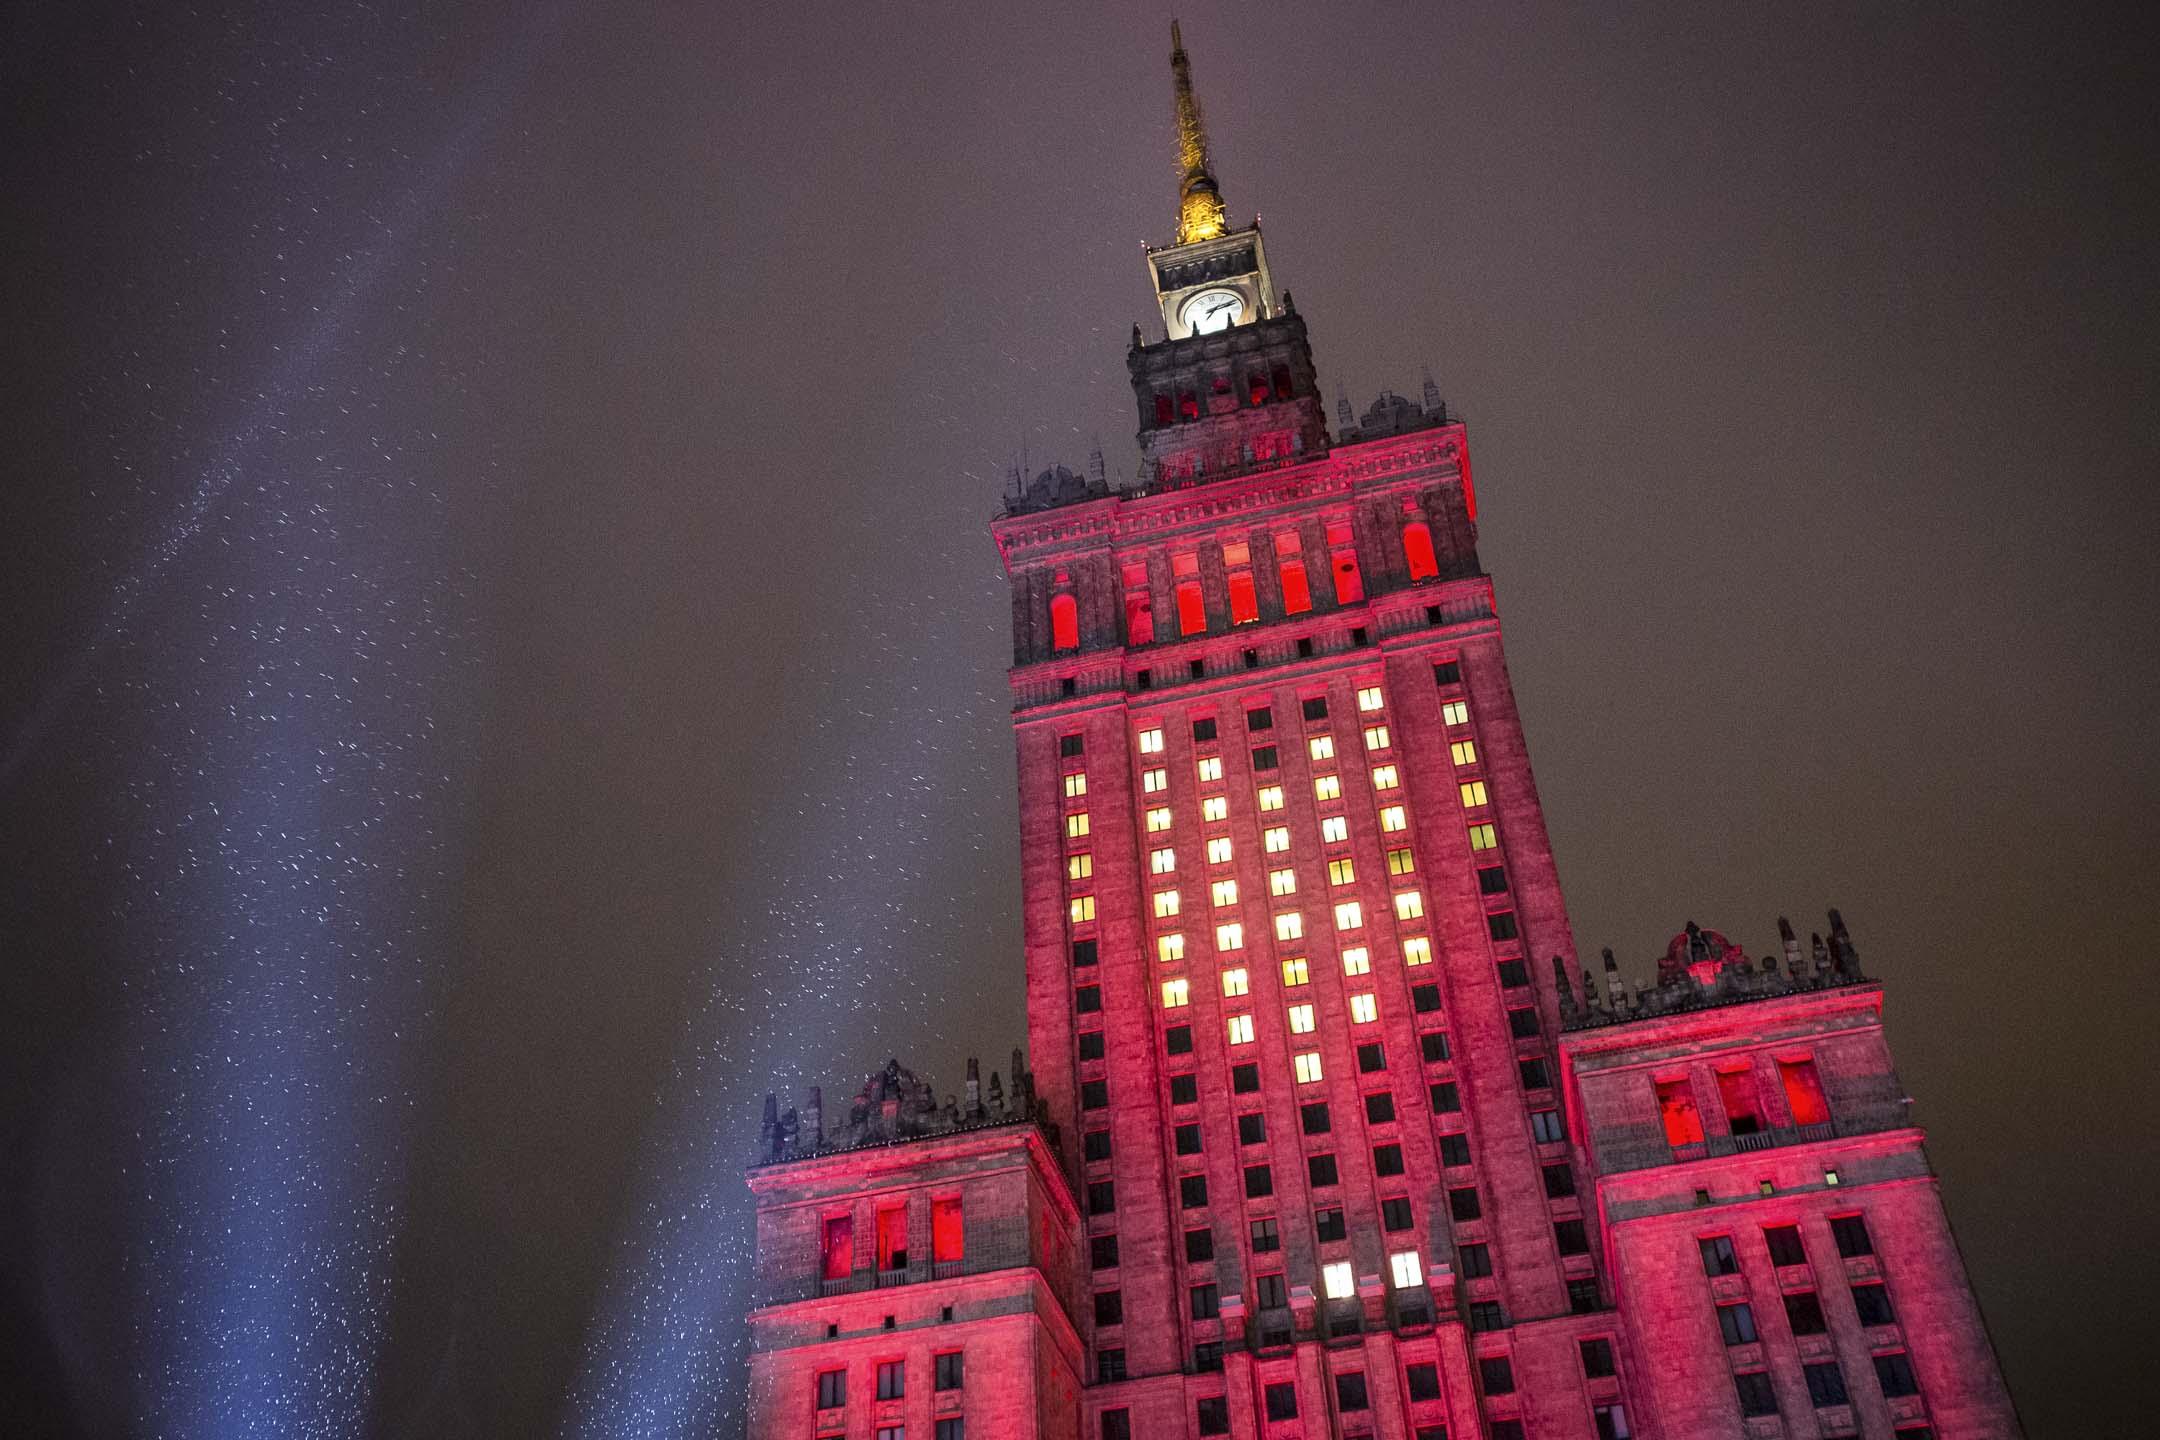 波蘭華沙的「科學與文化宮」大樓高237米,這座「史太林哥特」式建築落成於1955年,是當年蘇聯送給波蘭的禮物,直到今天仍是華沙最高樓。 攝: Mateusz Wlodarczyk/NurPhoto via Getty Images